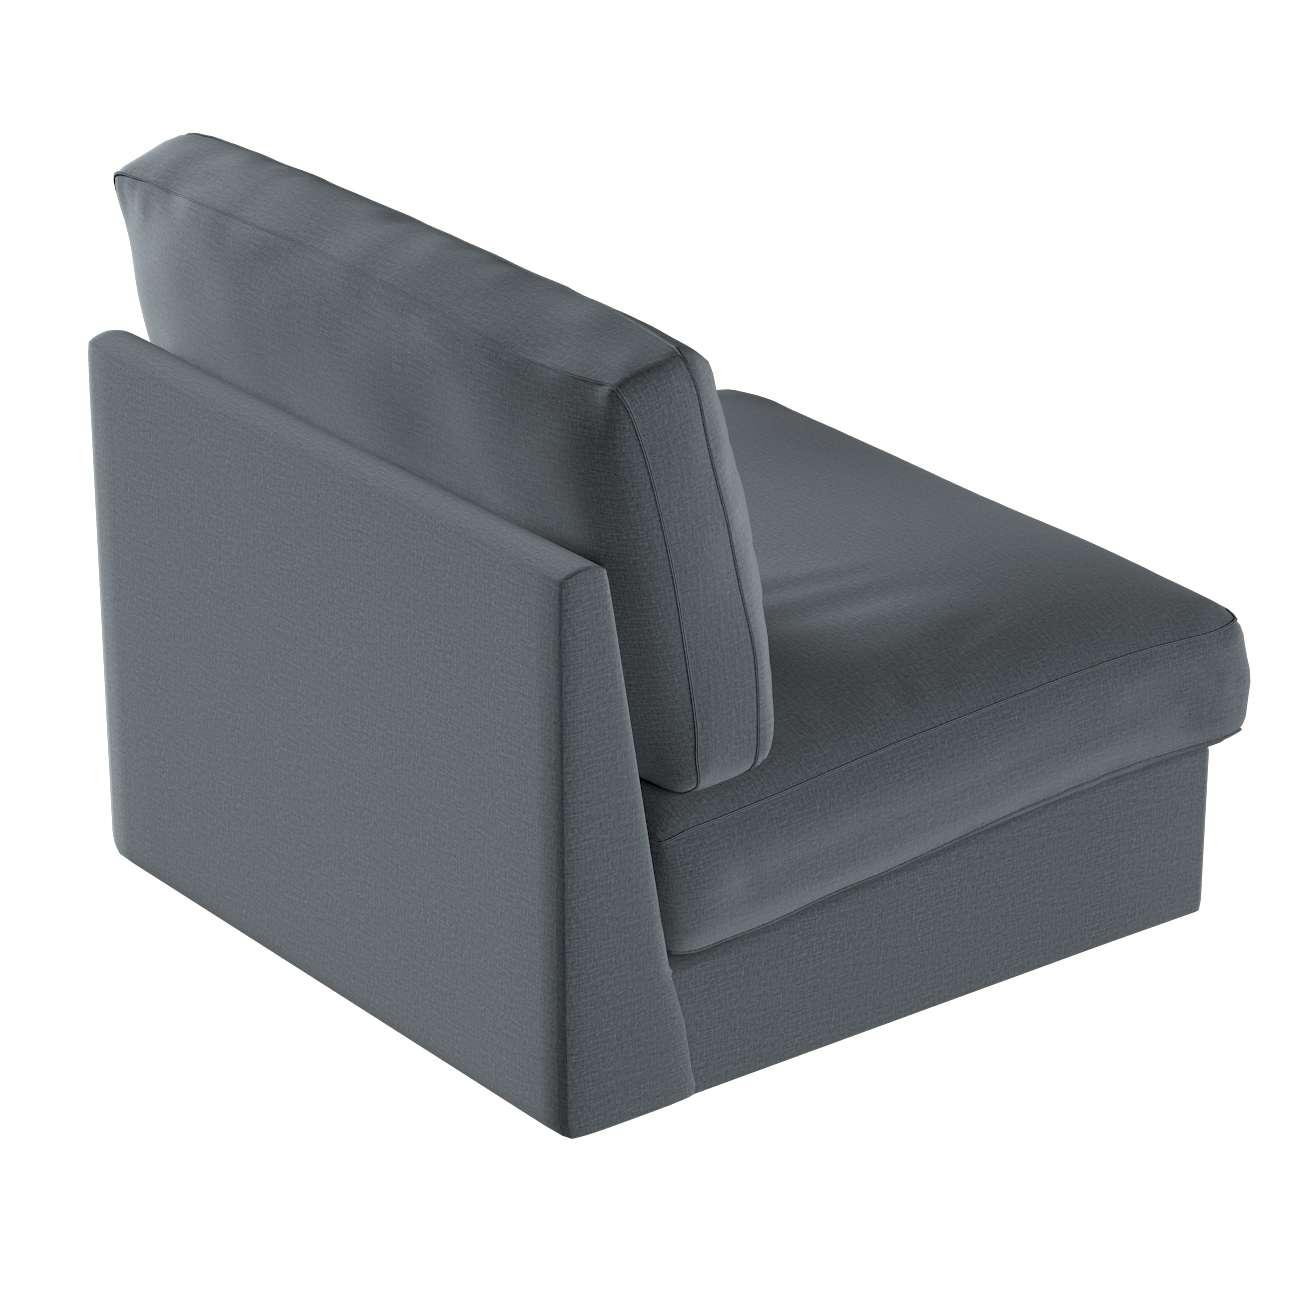 Pokrowiec na fotel Kivik w kolekcji Ingrid, tkanina: 705-43